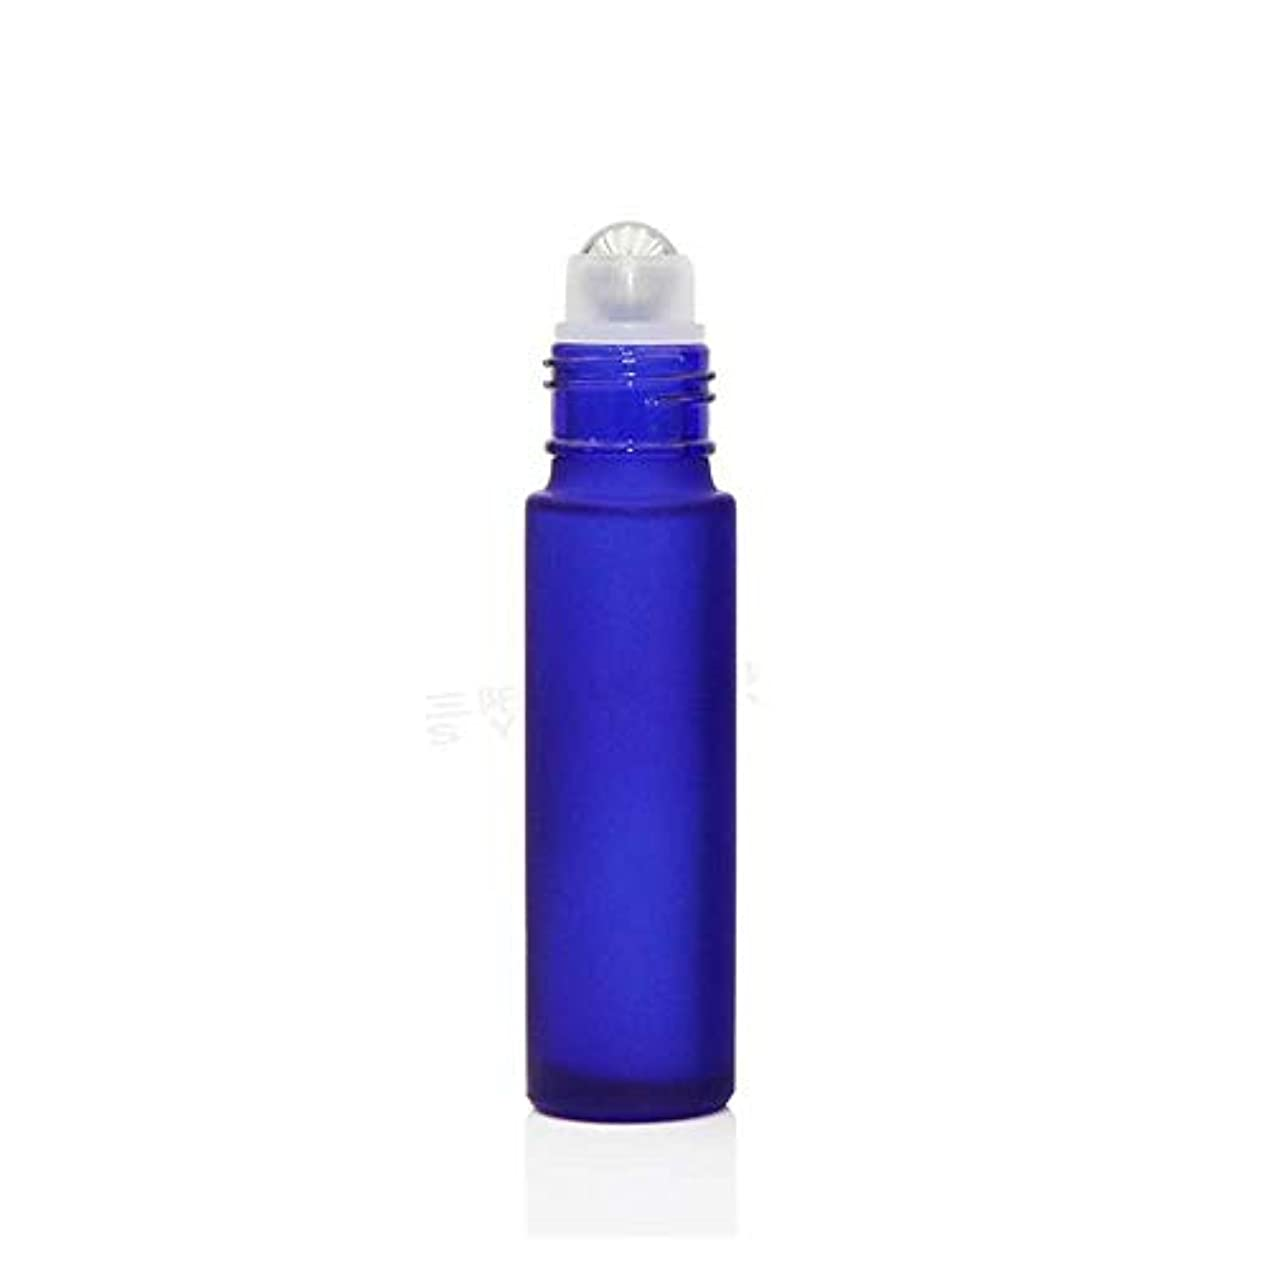 アクセシブル酸化する使用法gundoop ロールオンボトル アロマオイル 精油 小分け用 遮光瓶 10ml 10本セット ガラスロールタイプ (ブルー)